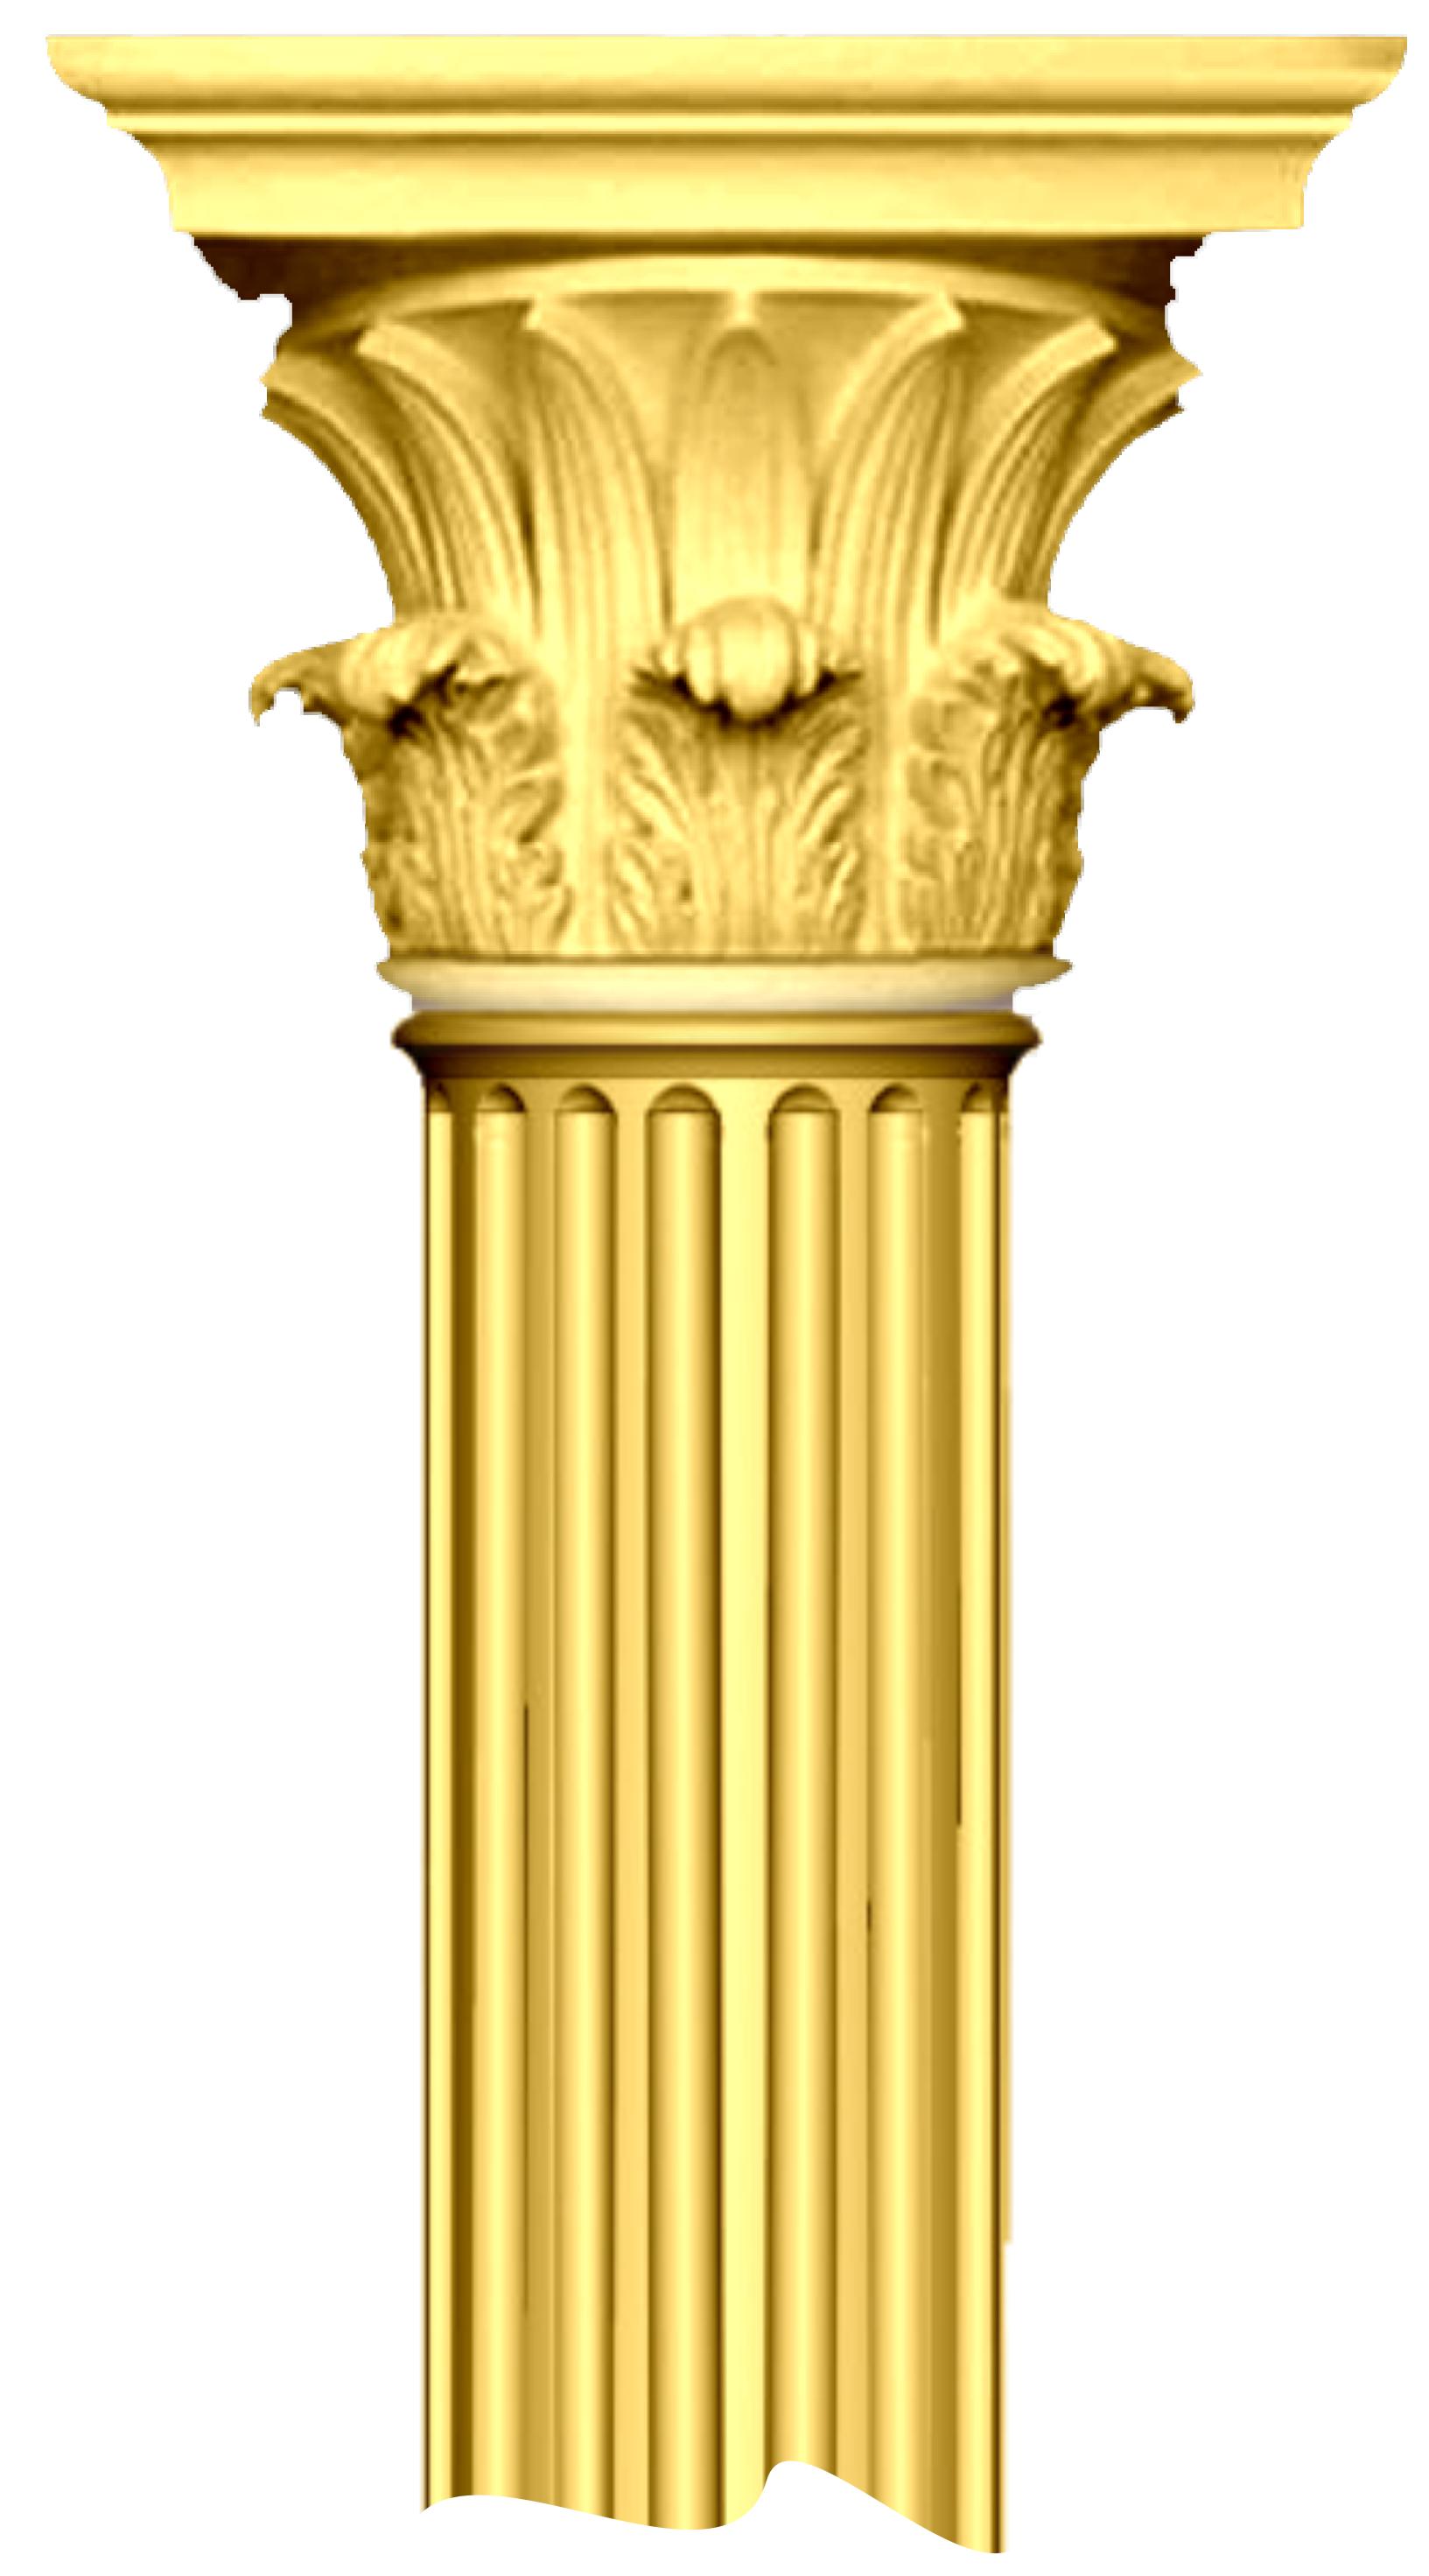 Columns broken column image. Greece clipart greek pillar